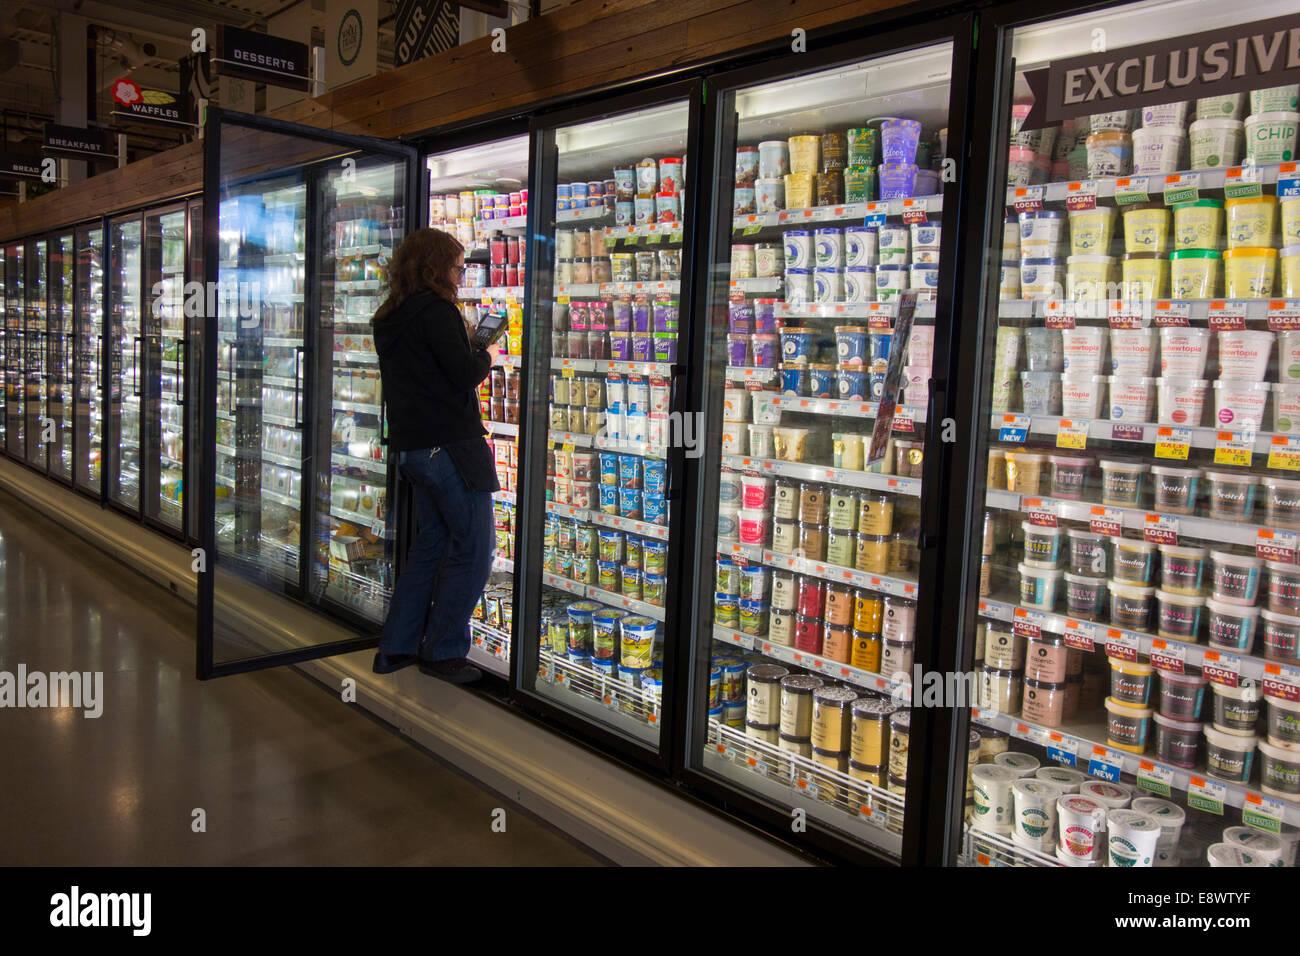 Kühlschrank Warner : Frau im ganzen kühlschrank lebensmittel einkaufen stockfoto bild